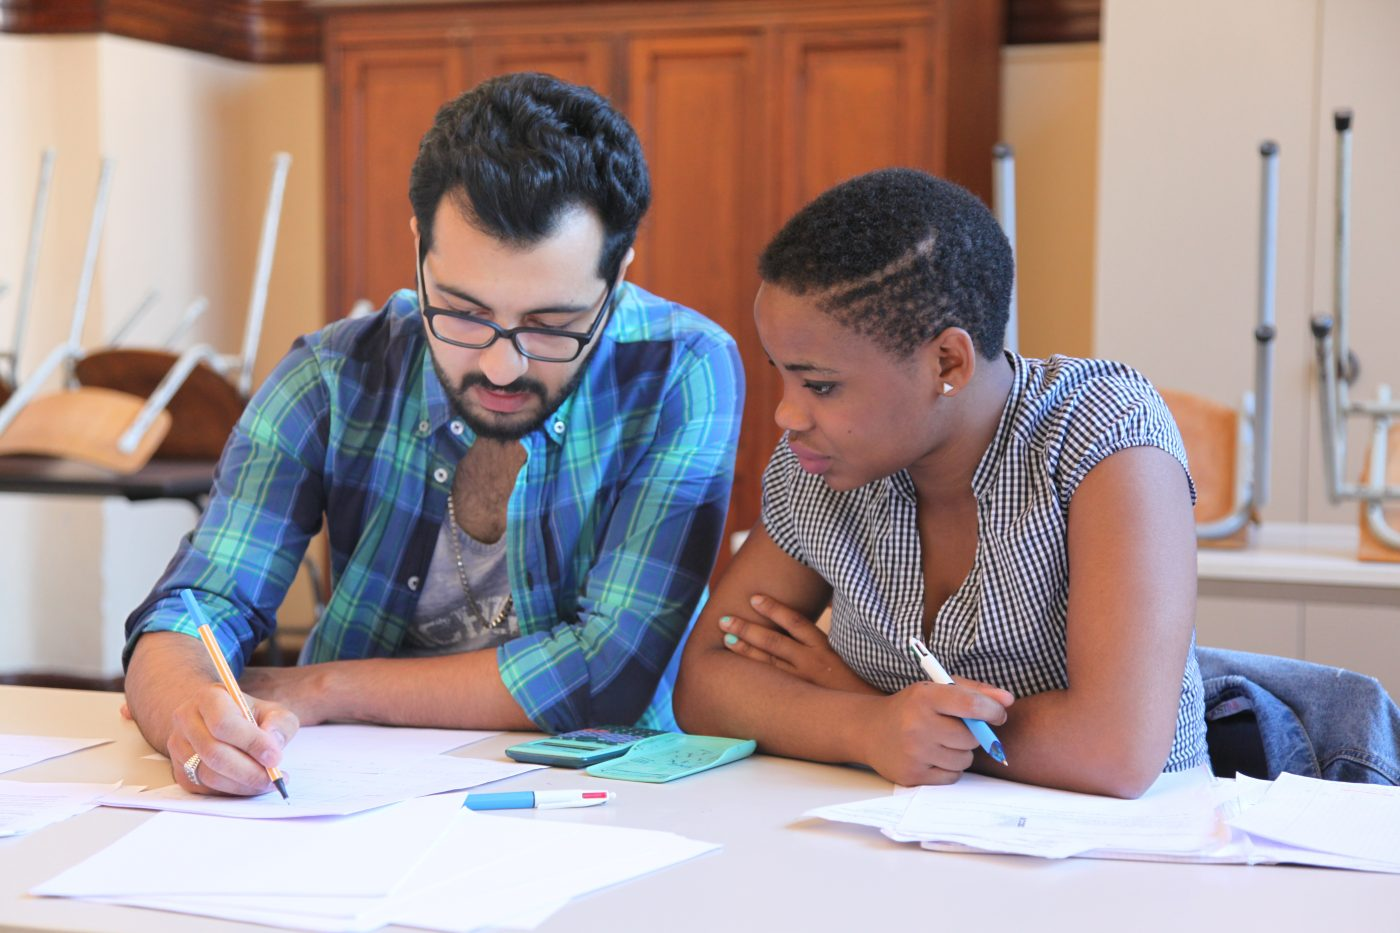 Etre tuteur : un engagement utile et formateur